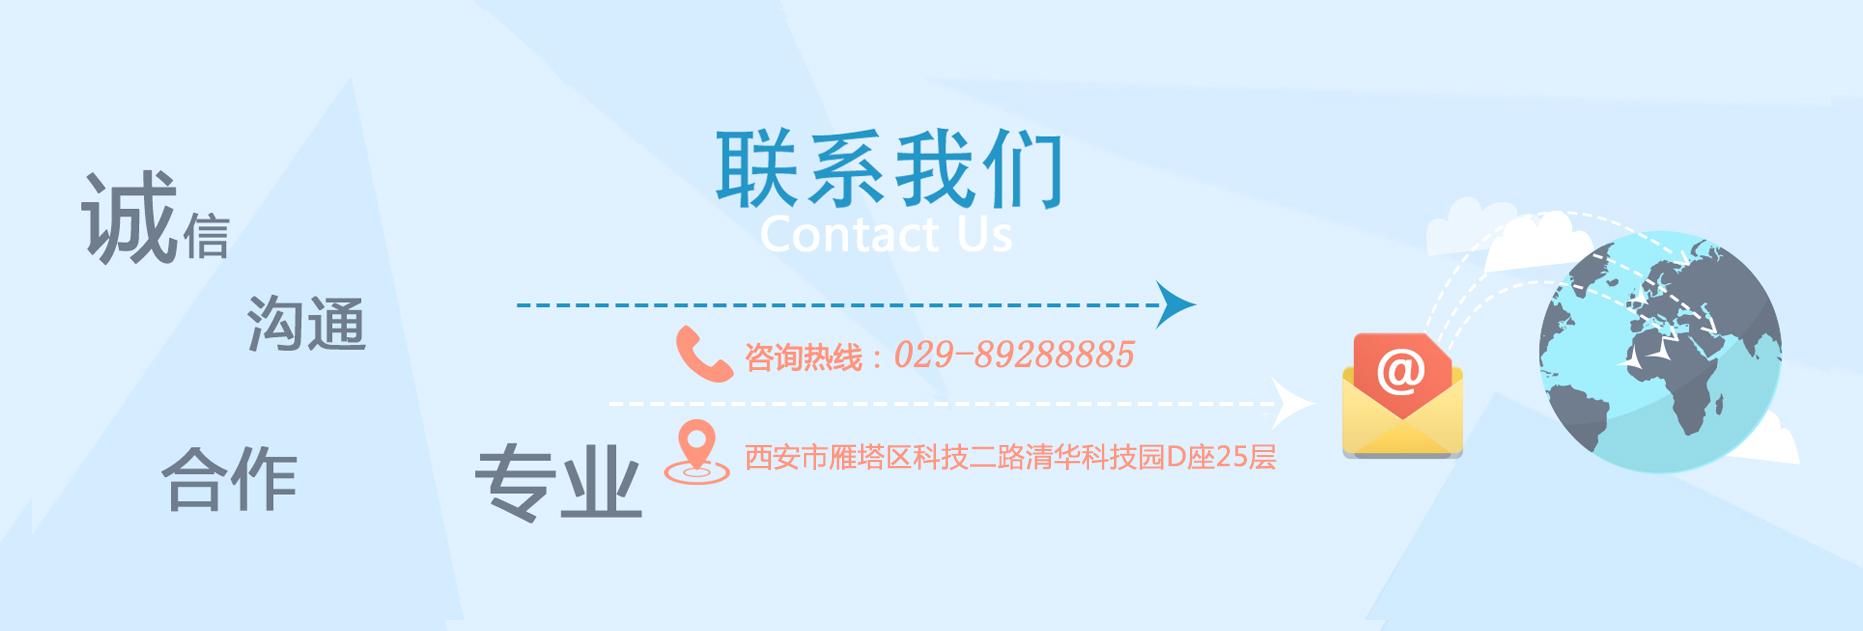 西安网站关键词优化